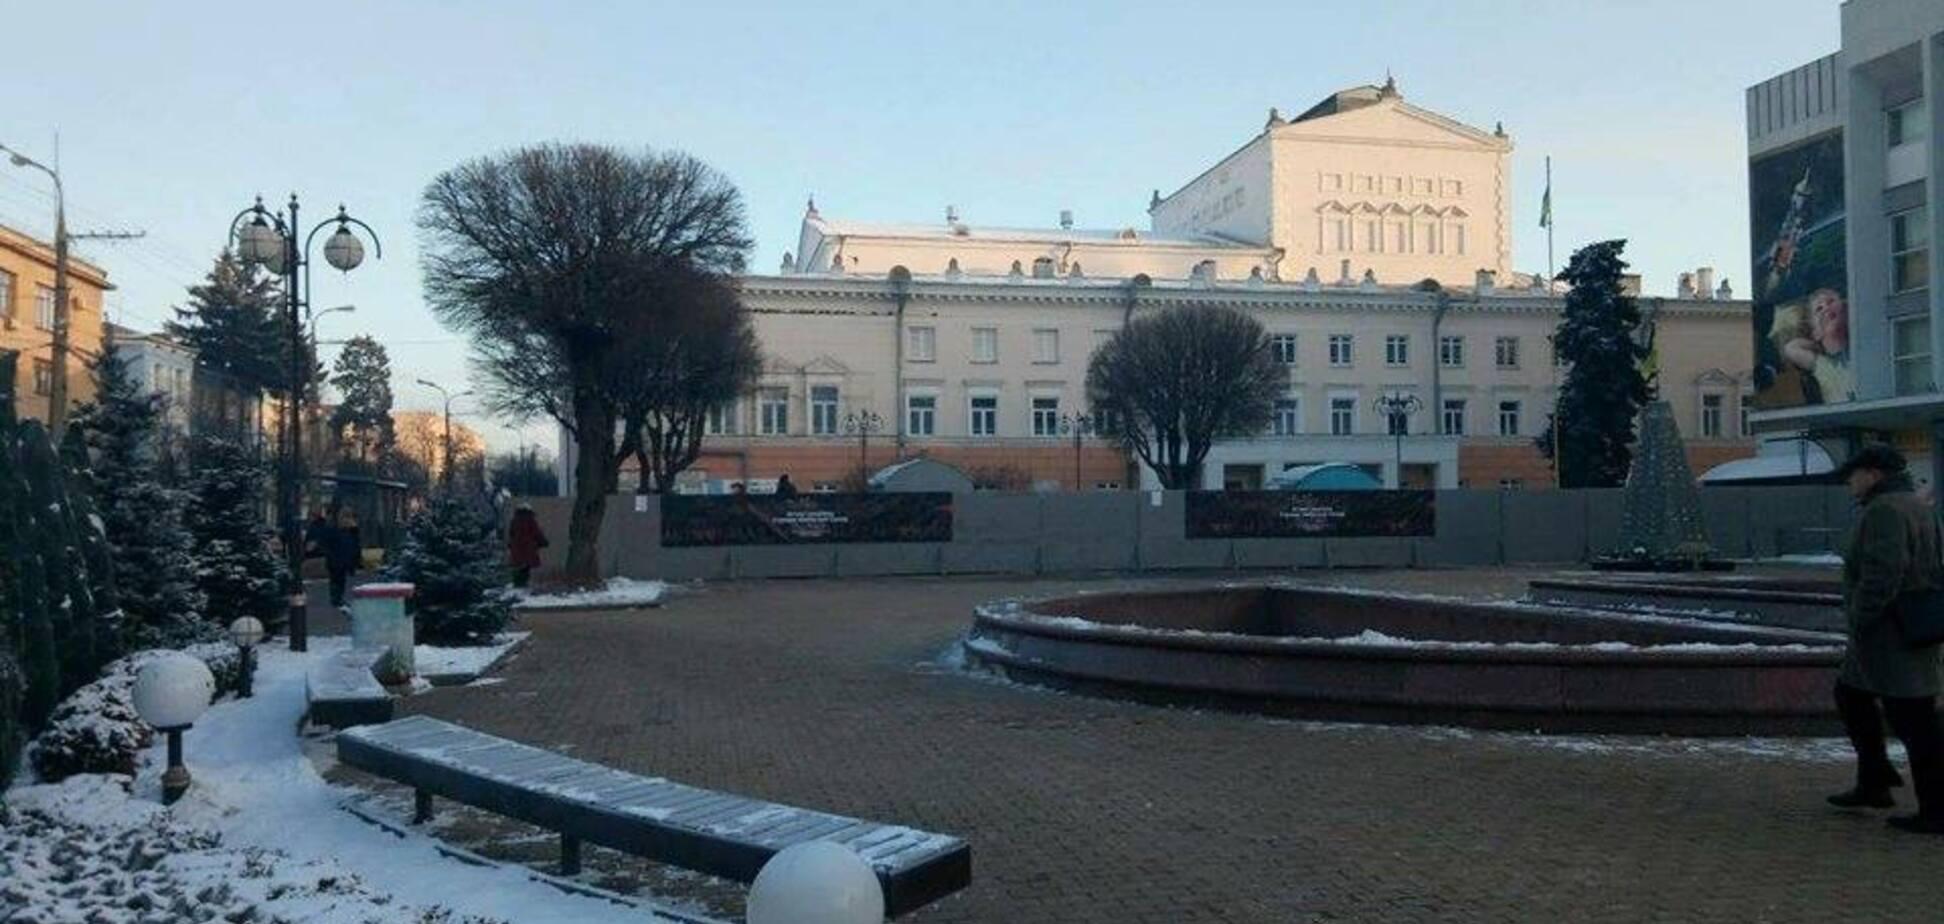 'Первые в мире': в Виннице снесли памятник Шевченко, в сети ажиотаж